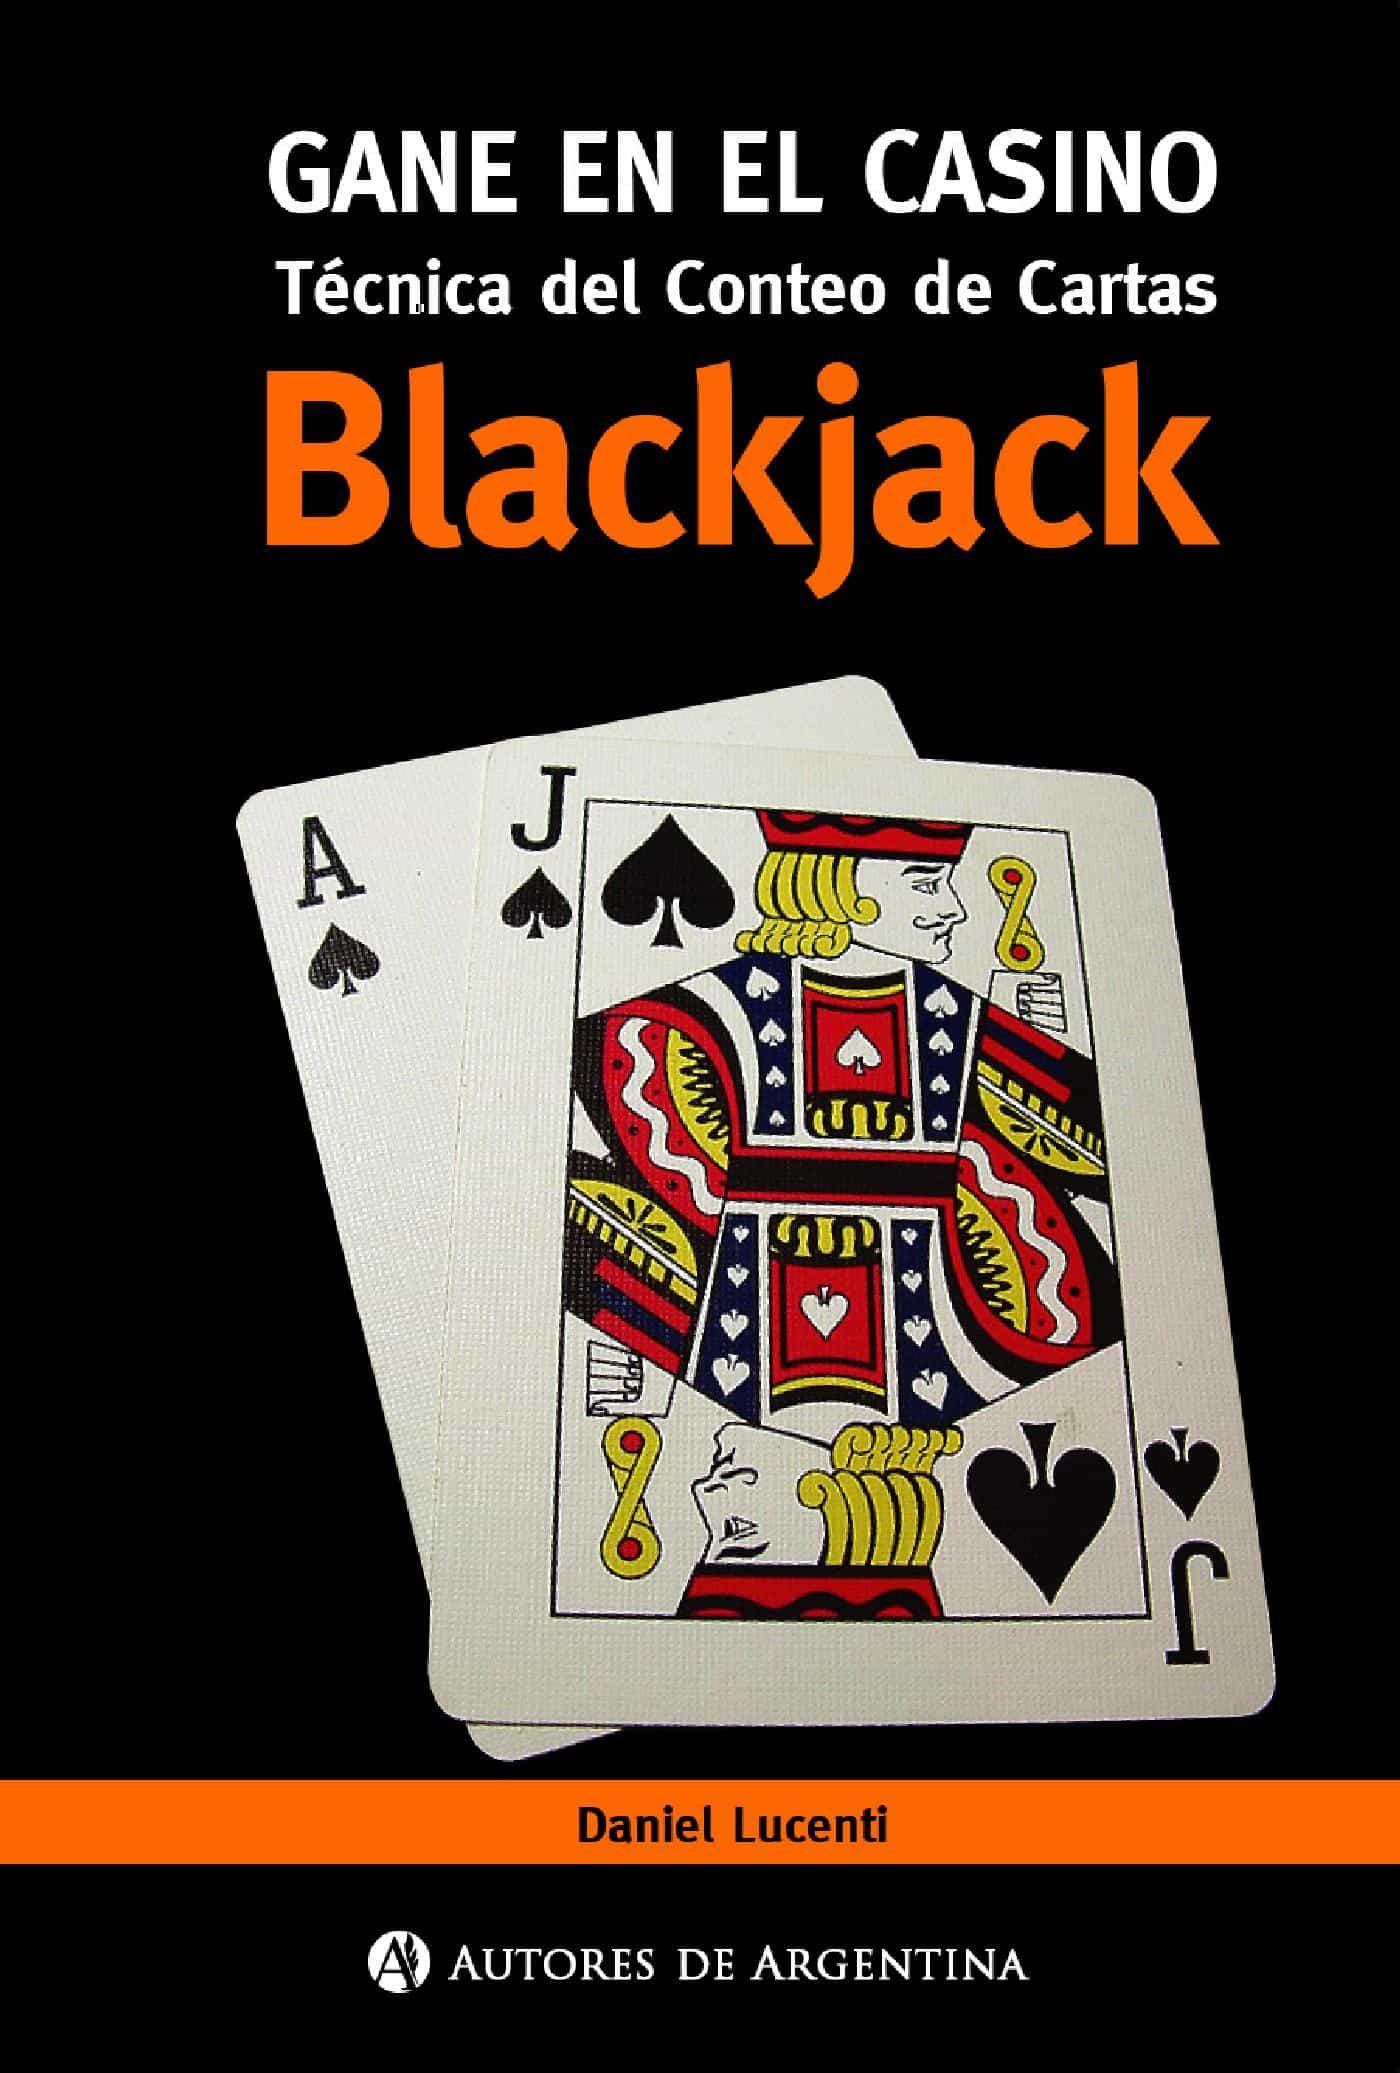 Libro de casino descargar online gambling florida casino gambling